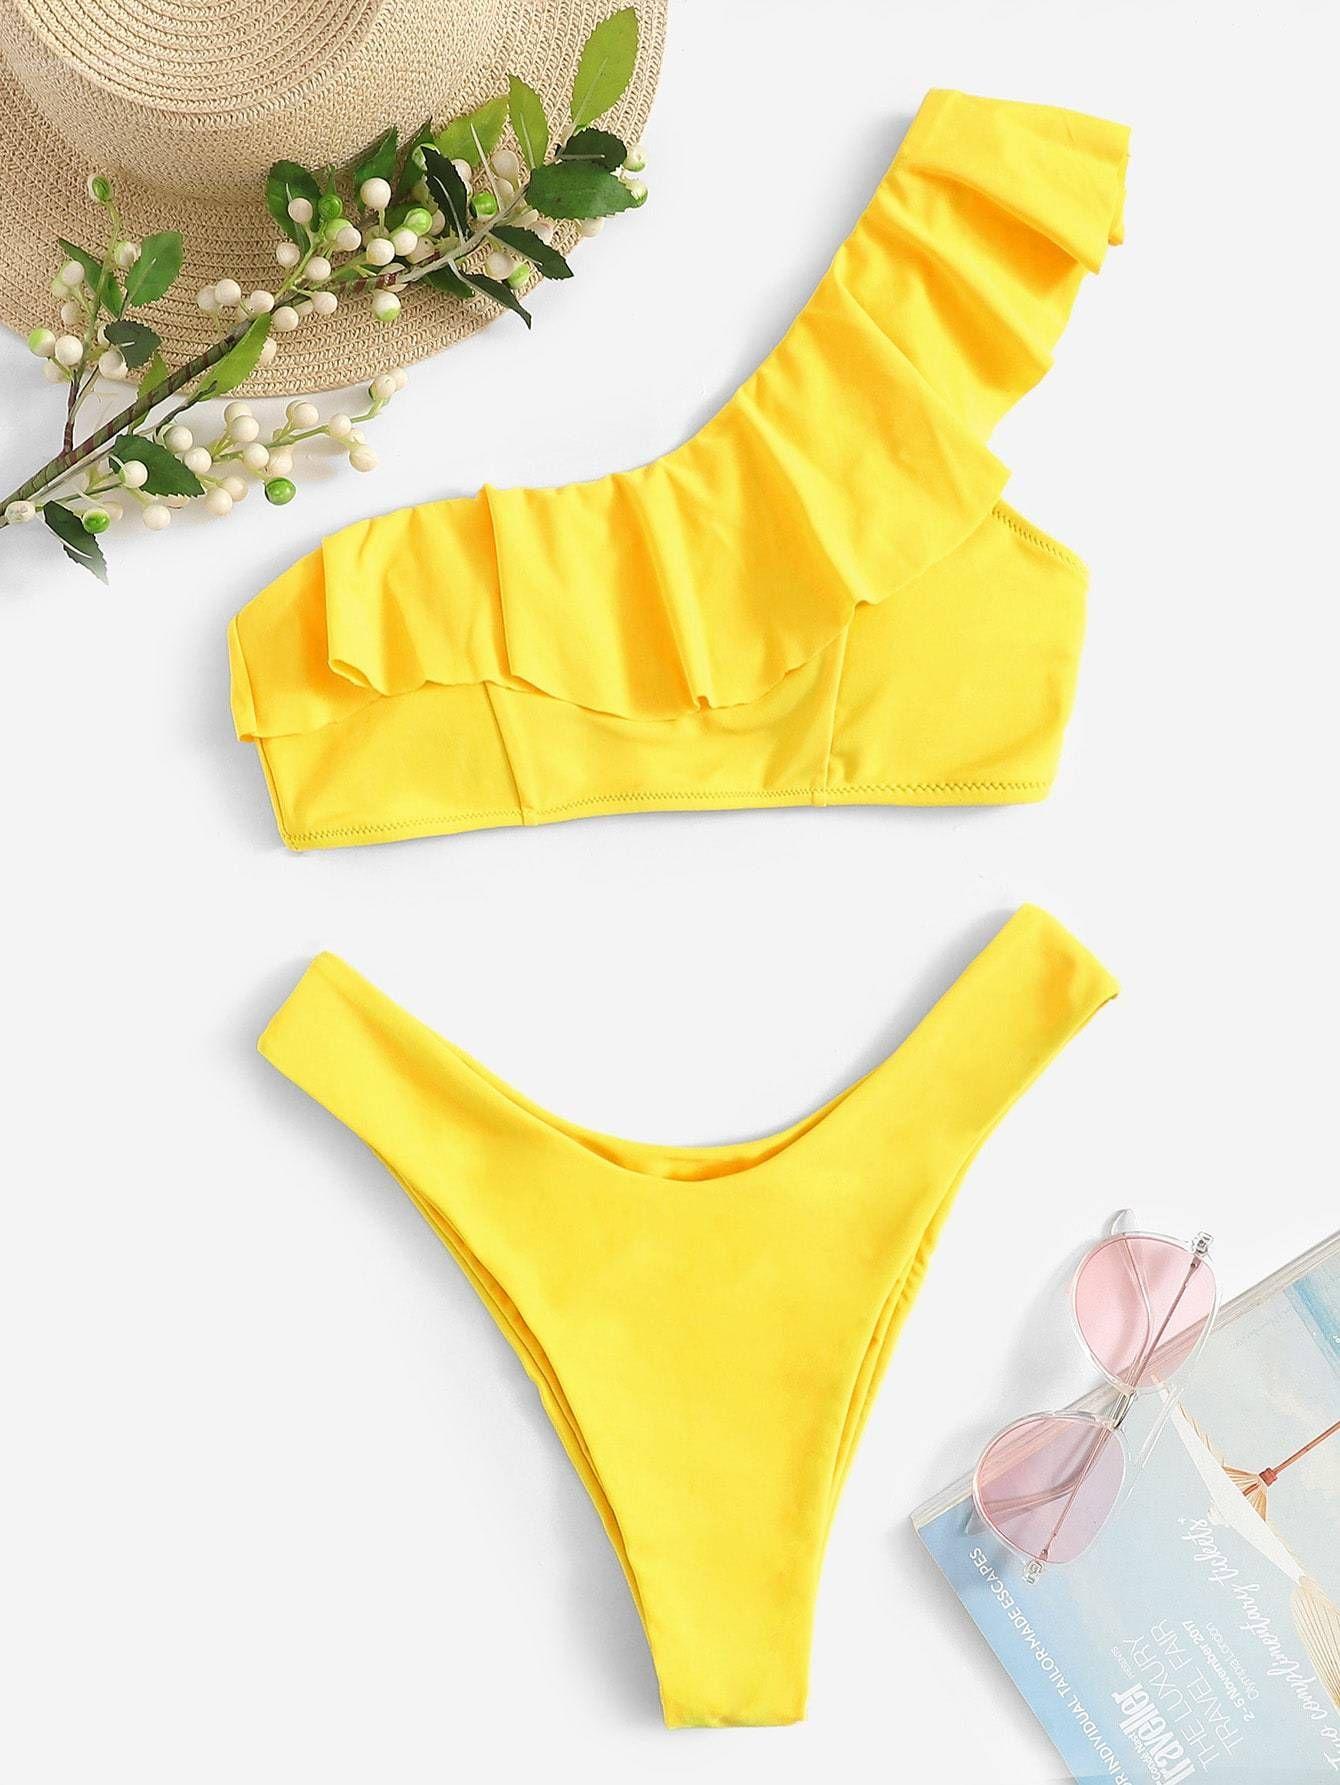 c54e7ecde733e0 Ruffle One Shoulder Top With High Cut Bikini in Yellow FREE SHIP ...